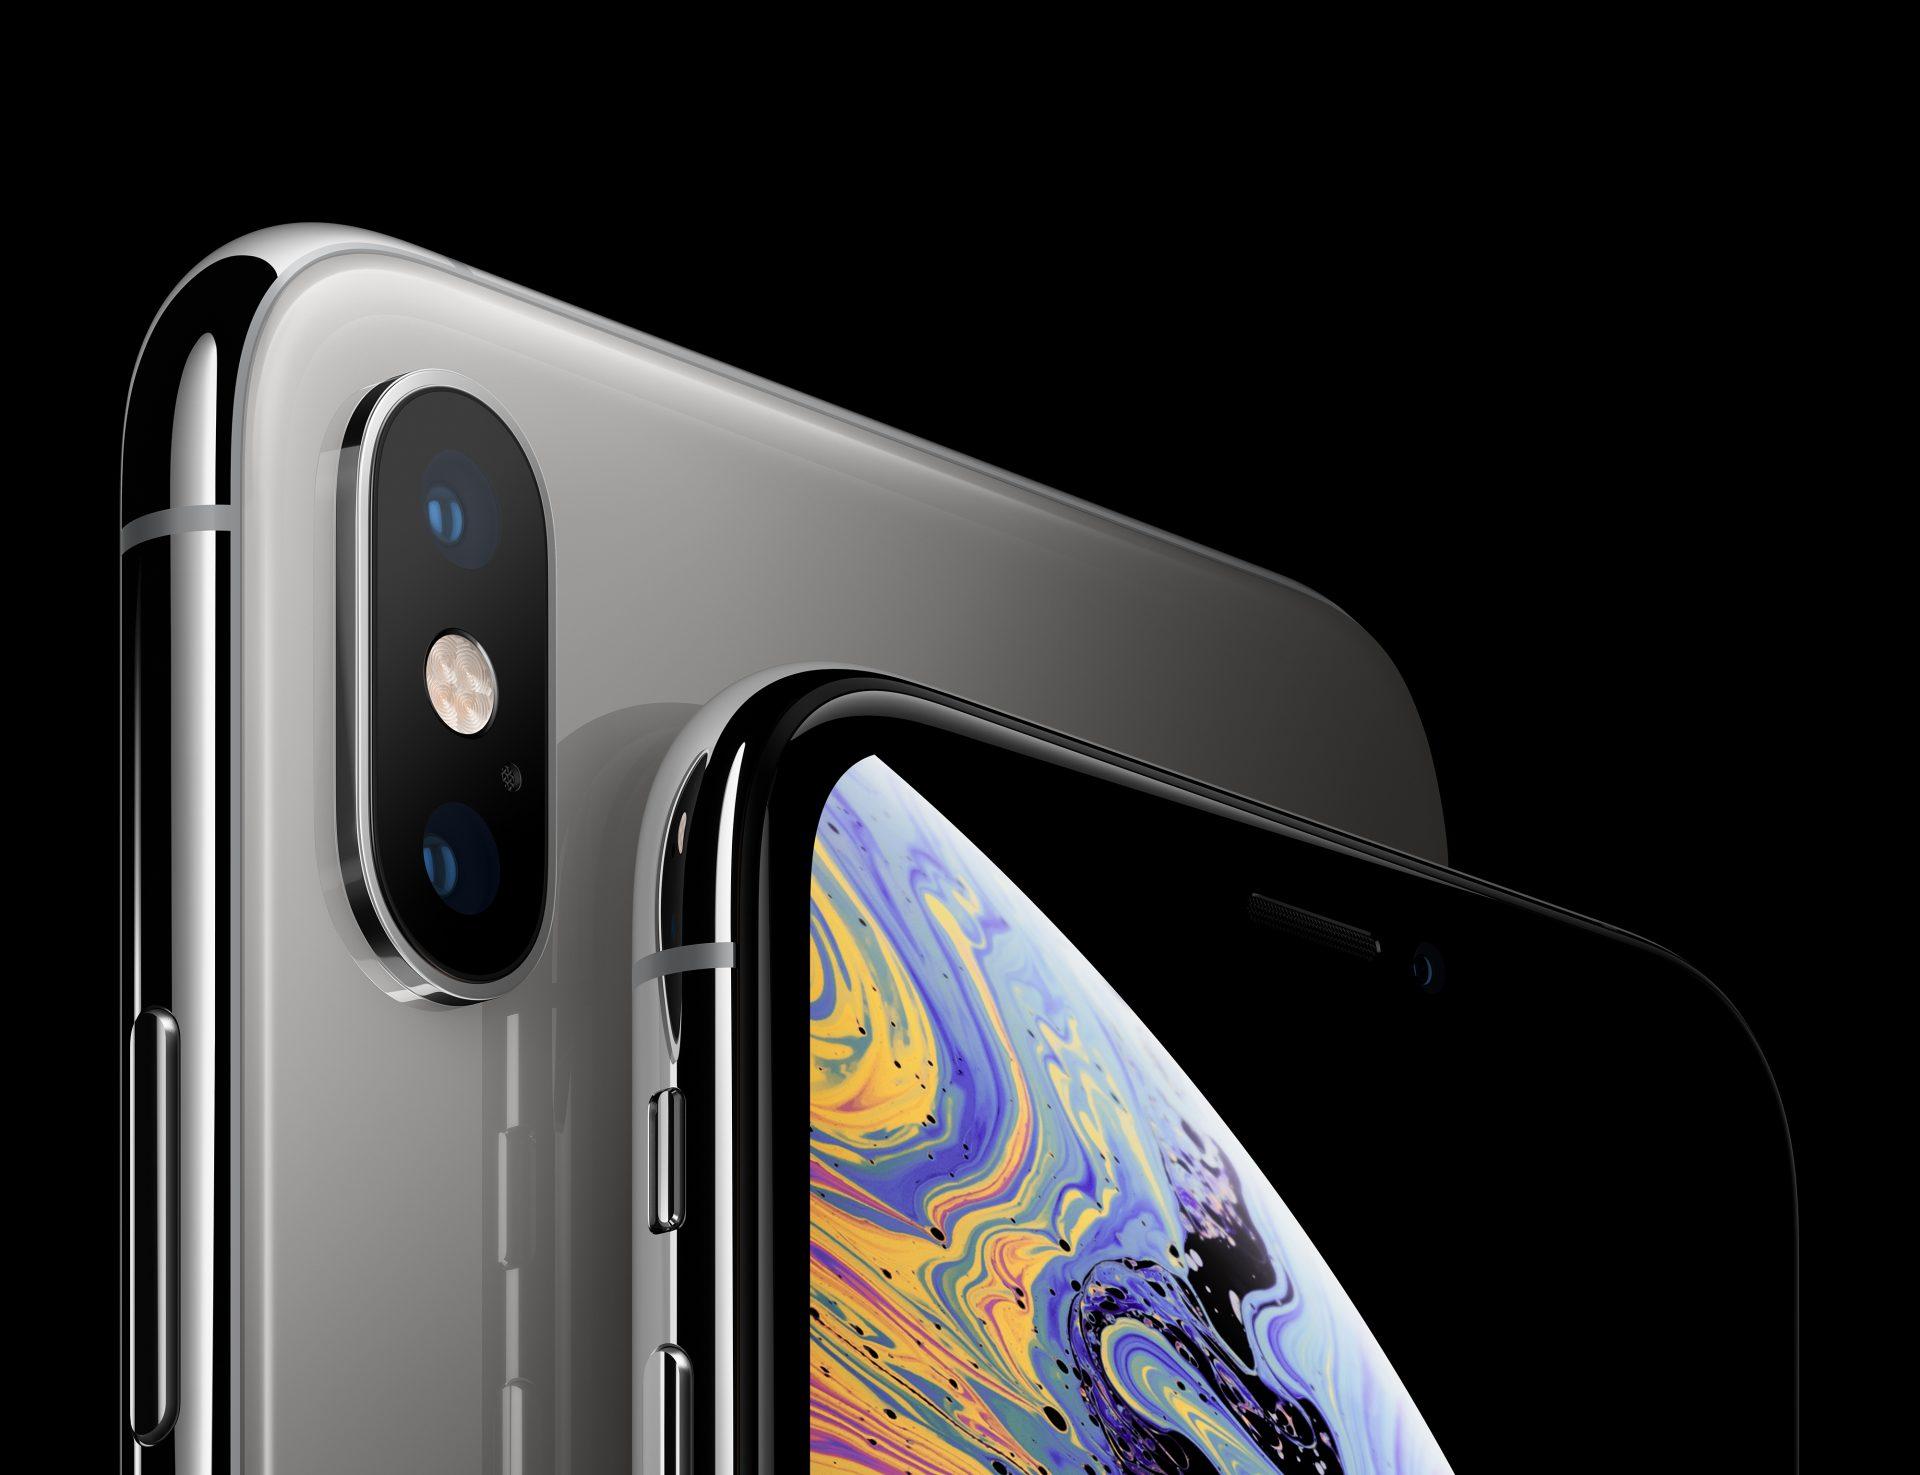 Apple va da explicații în fața instanței privind ecranele a două modele de iPhone